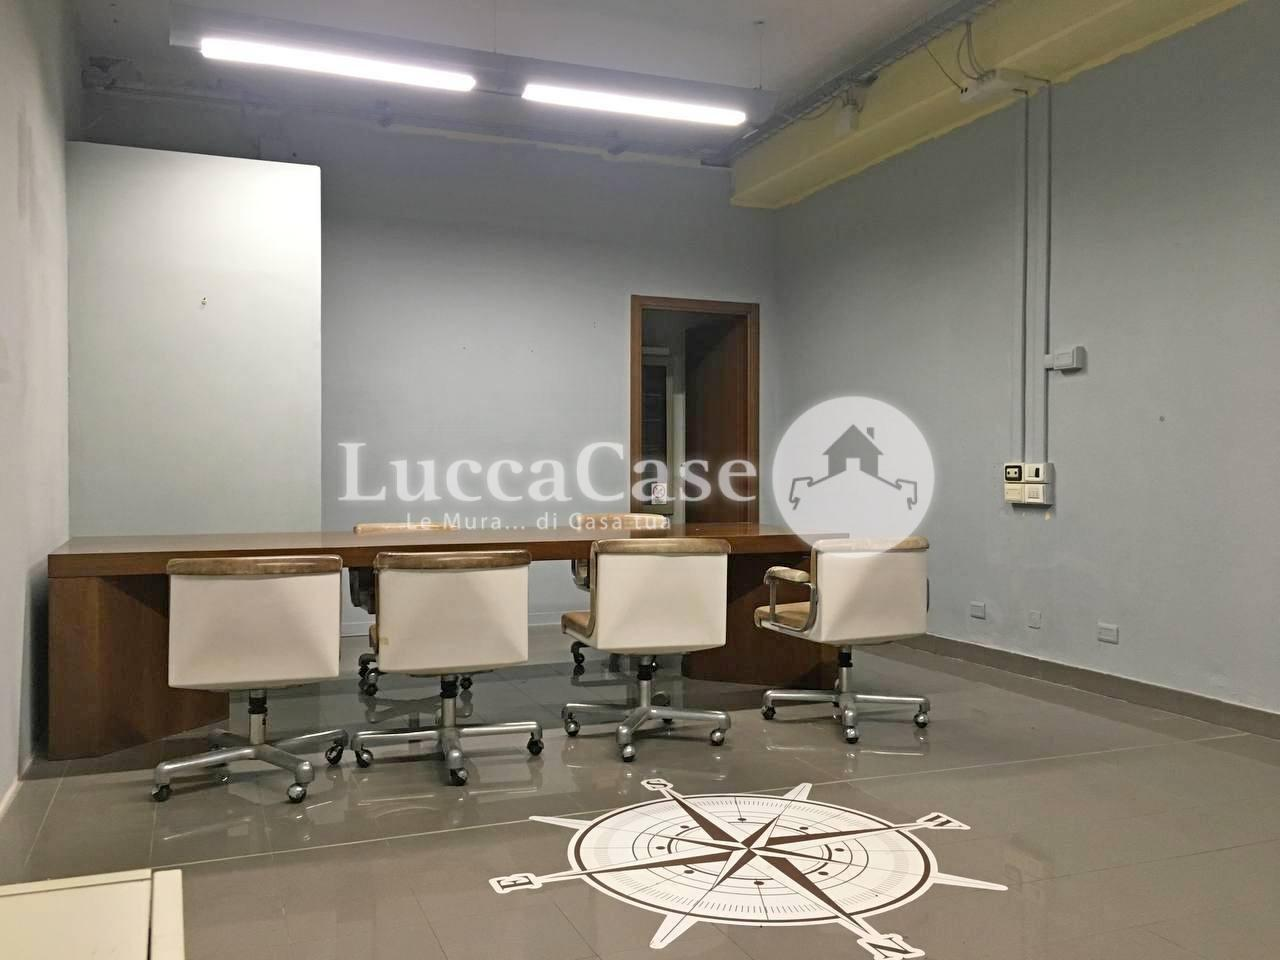 Negozio in affitto commerciale a Porcari (LU)